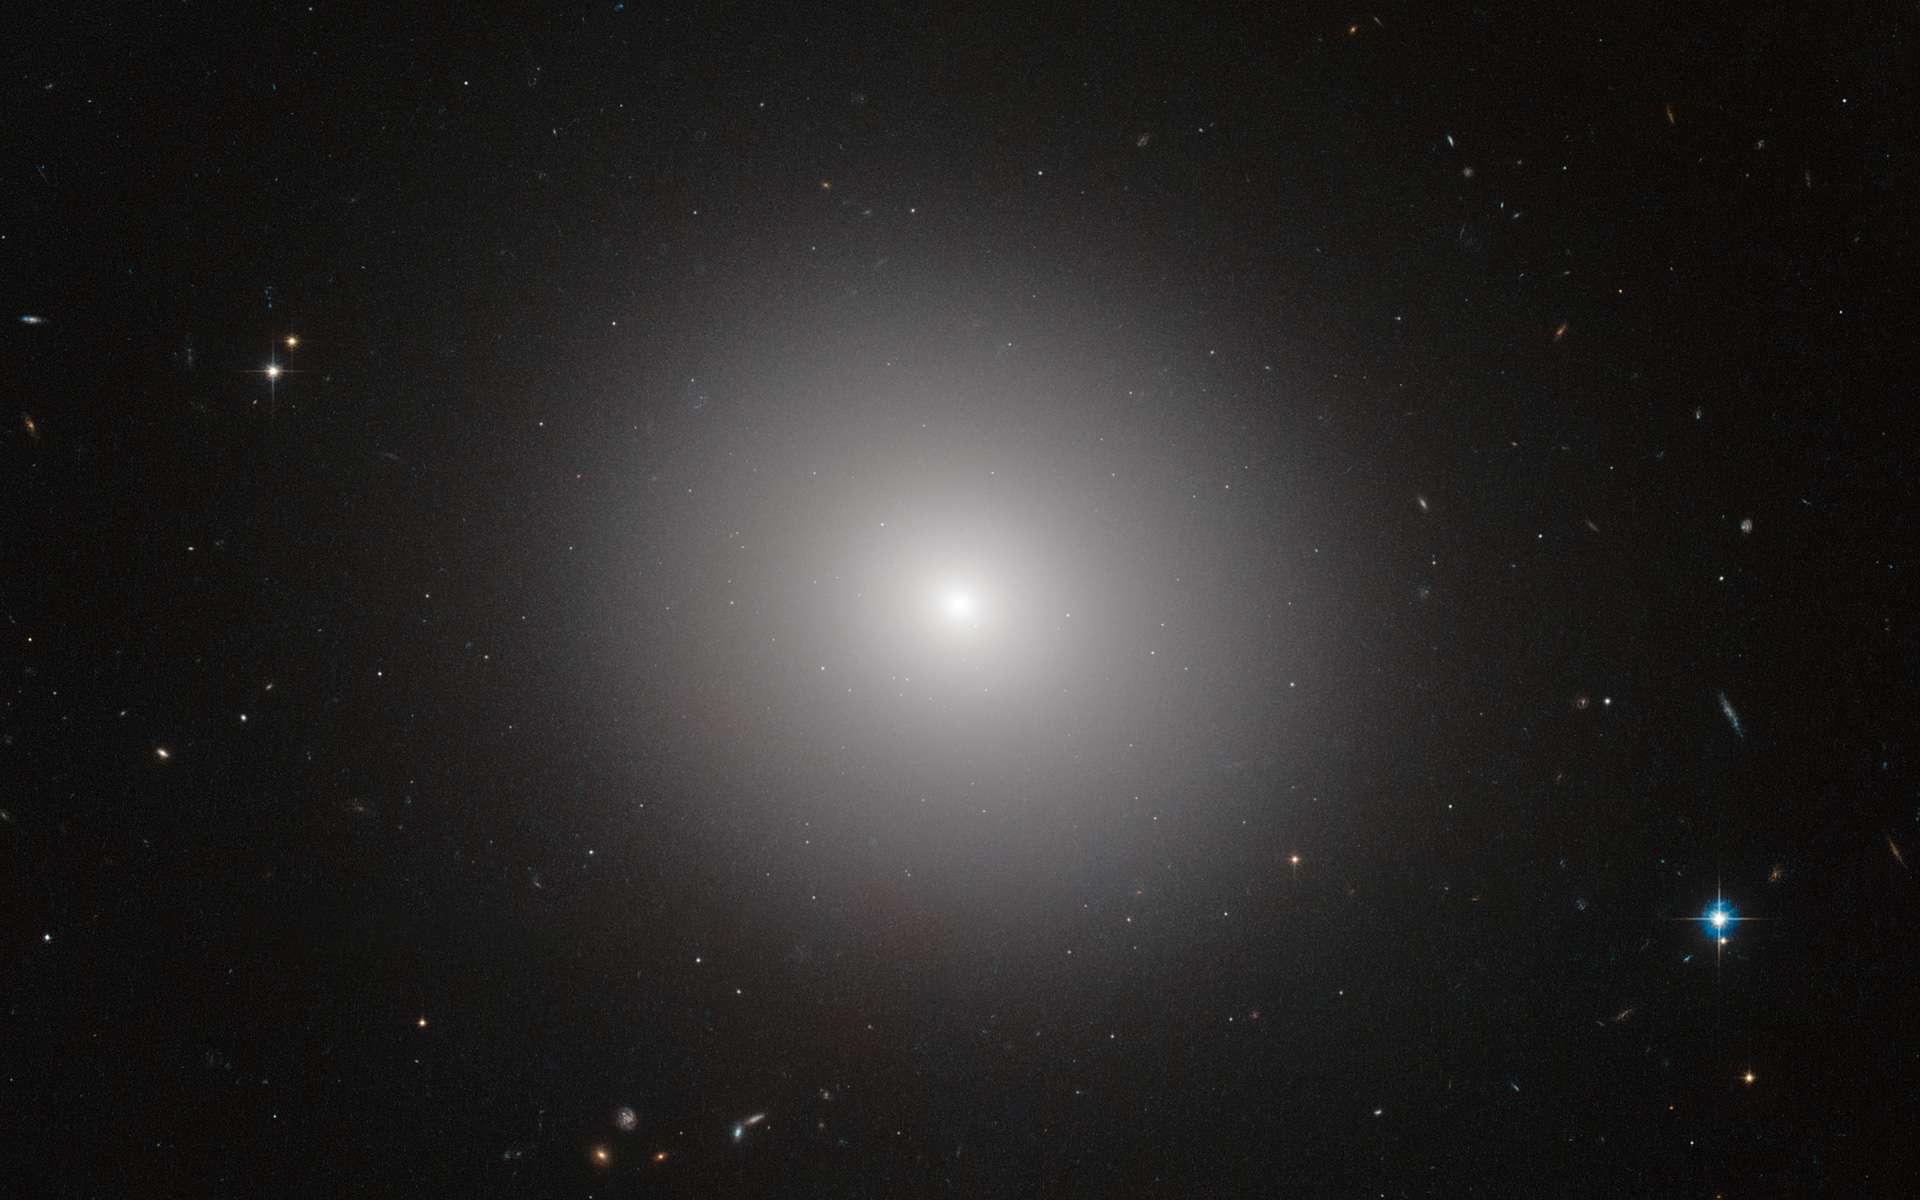 IC 2006 est une galaxie elliptique plutôt passive de l'univers local. Elle est ici photographiée dans le visible et l'infrarouge par Hubble. À l'instar de ses congénères, cette galaxie massive appartenant à un type désigné aussi comme « sphéroïde », a progressivement cessé de produire des étoiles au sein de sa partie centrale pour délocaliser les naissances sur les bordures, il y a plusieurs milliards d'années. © Esa, Hubble, Nasa, Judy Schmidt, J. Blakeslee (Dominion Astrophysical Observatory)